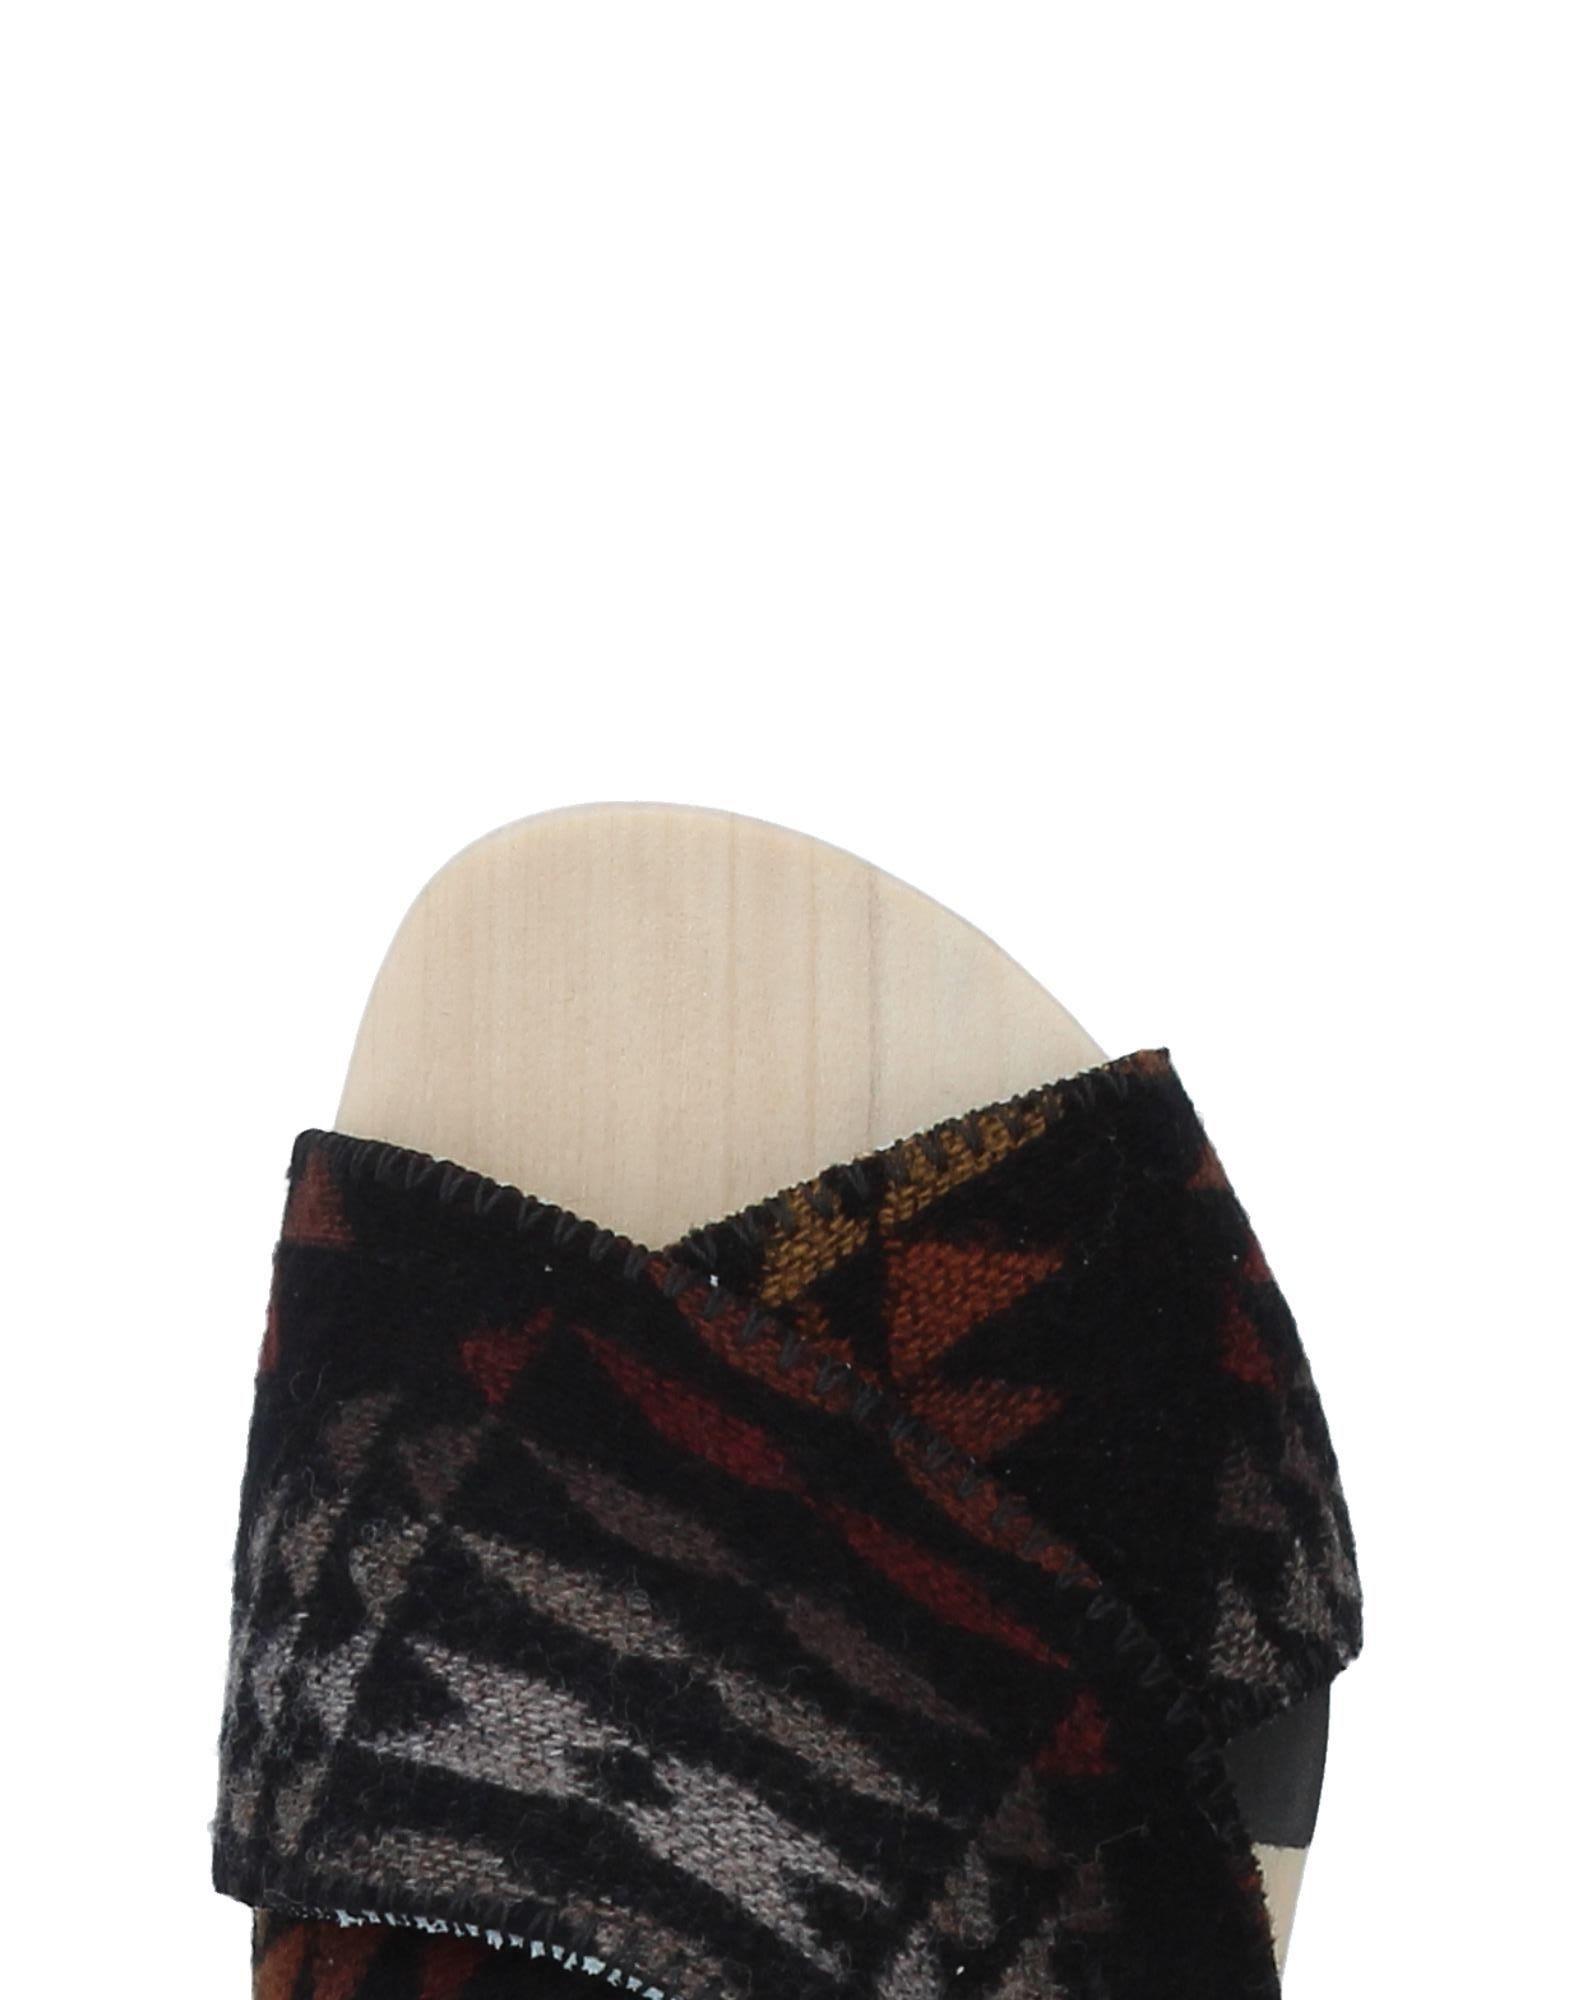 Magnafied Sandalen Damen  11367272SR 11367272SR 11367272SR Gute Qualität beliebte Schuhe de7a79